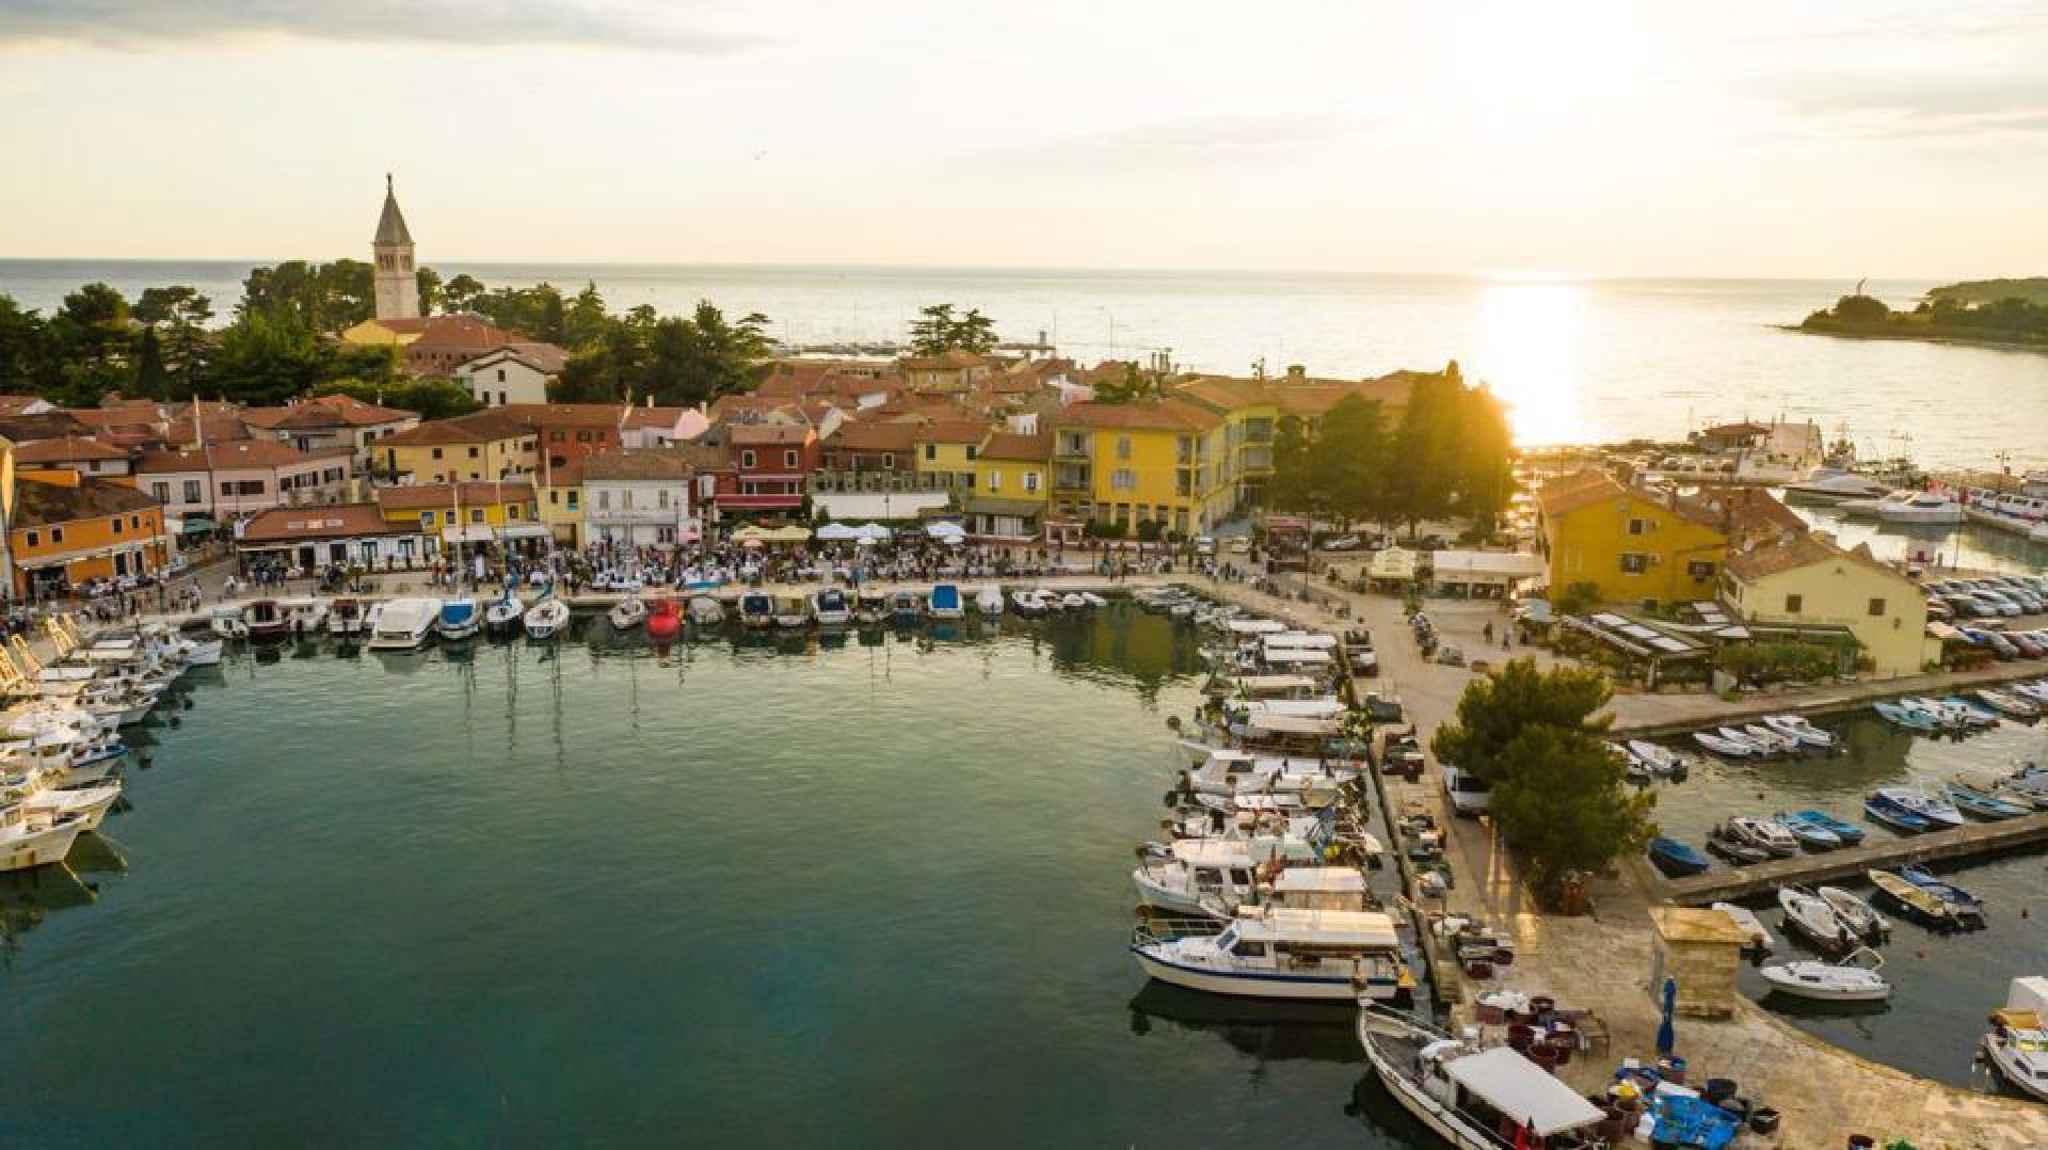 Ferienwohnung mit Pool (280350), Porec, , Istrien, Kroatien, Bild 23